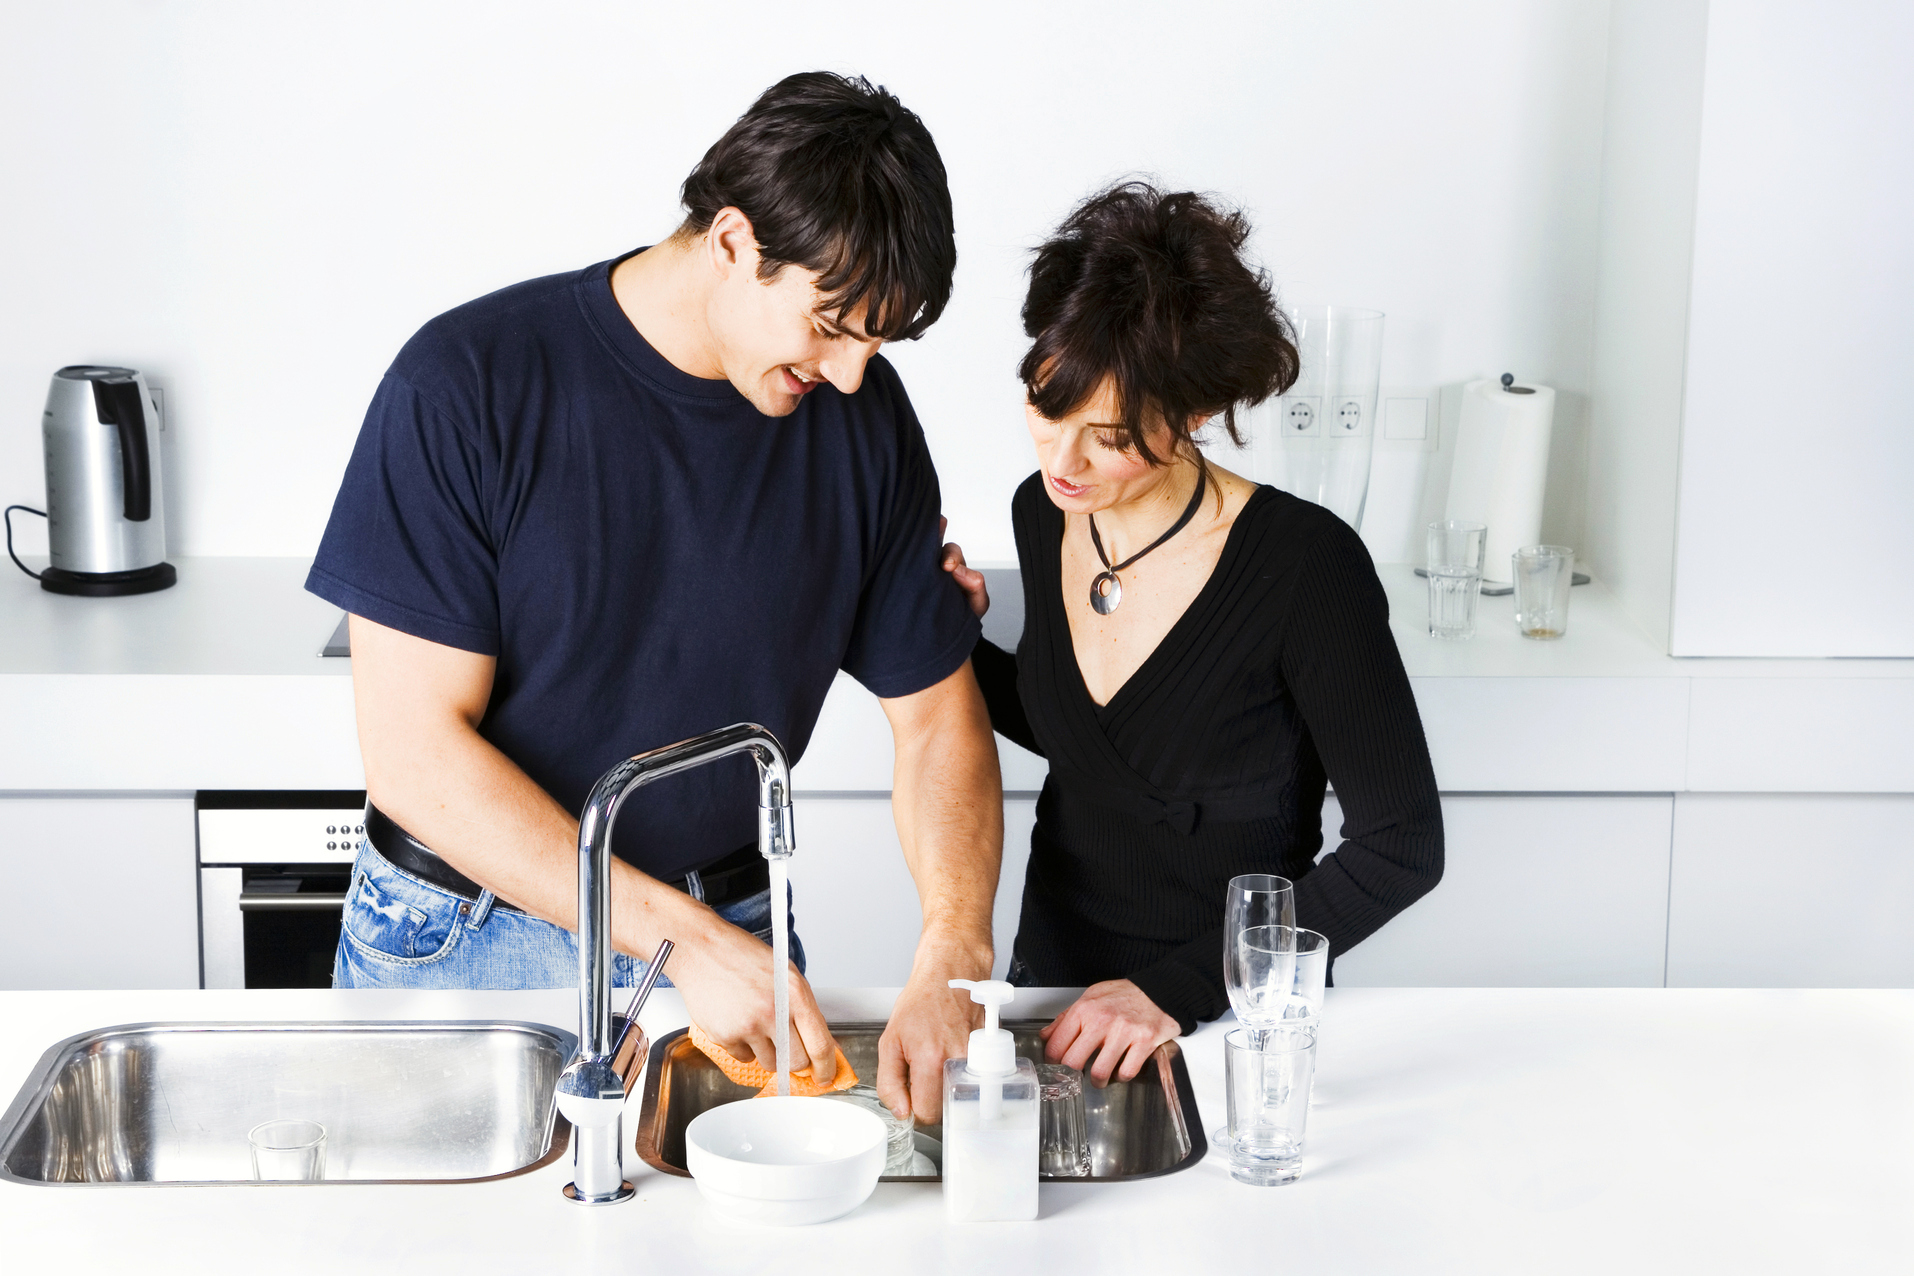 Repartir las tareas del hogar ayuda a mejorar el sexo